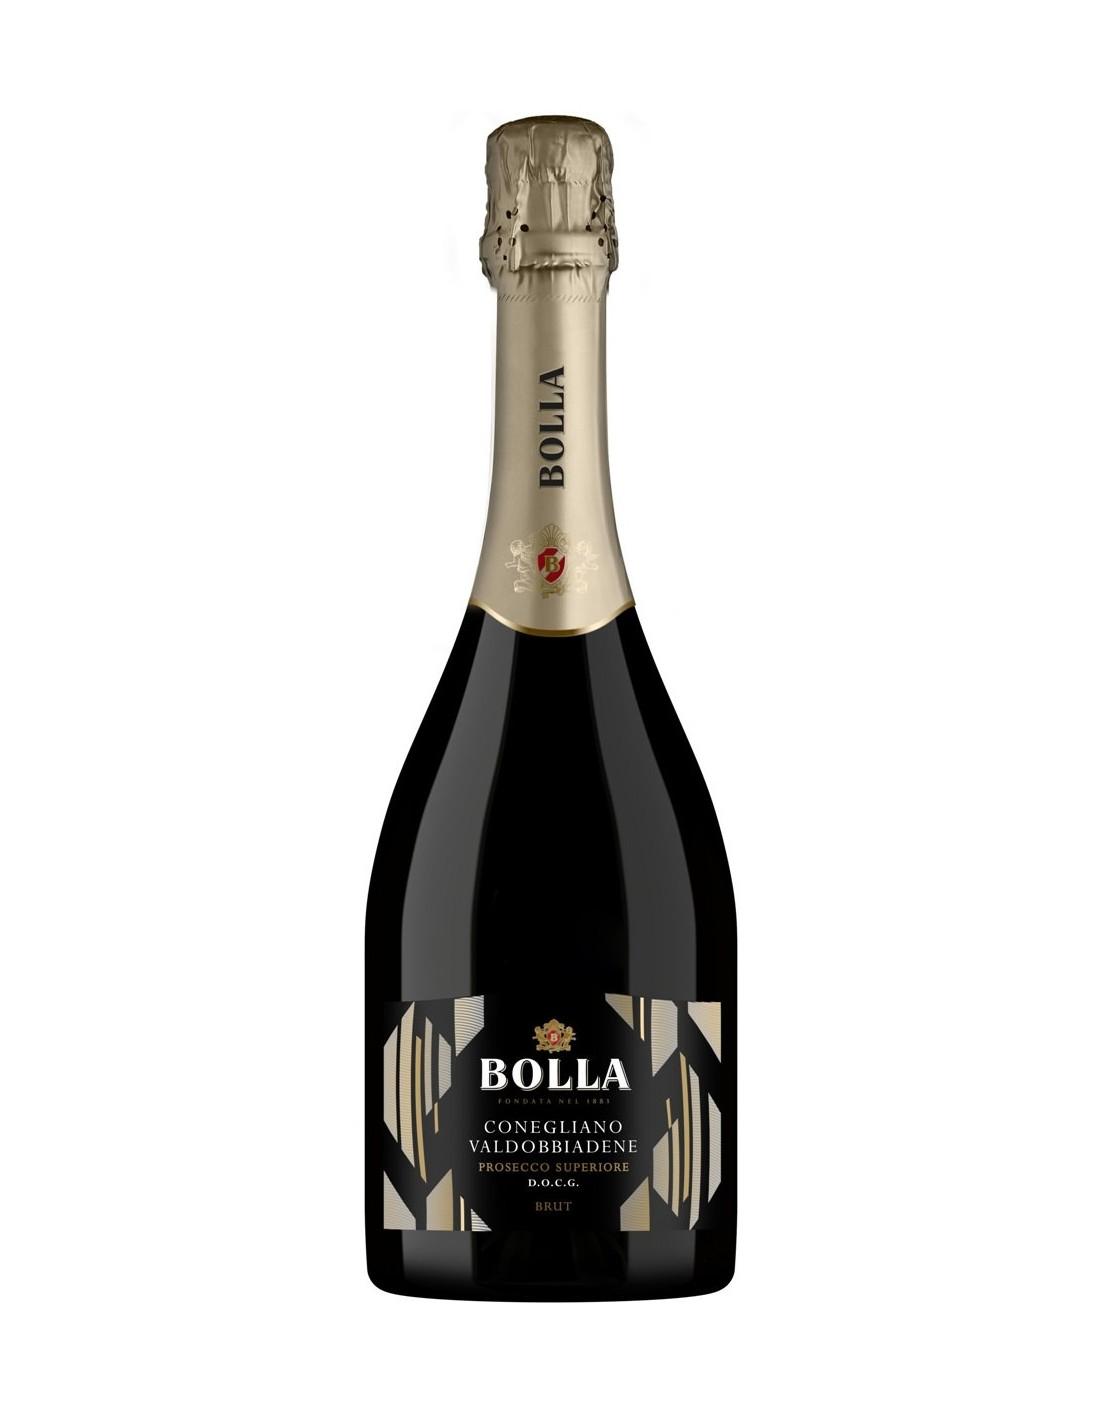 Vin prosecco alb Glera Bolla Conegliano-Valdobbiadene, 0.75L, 11% alc., Italia